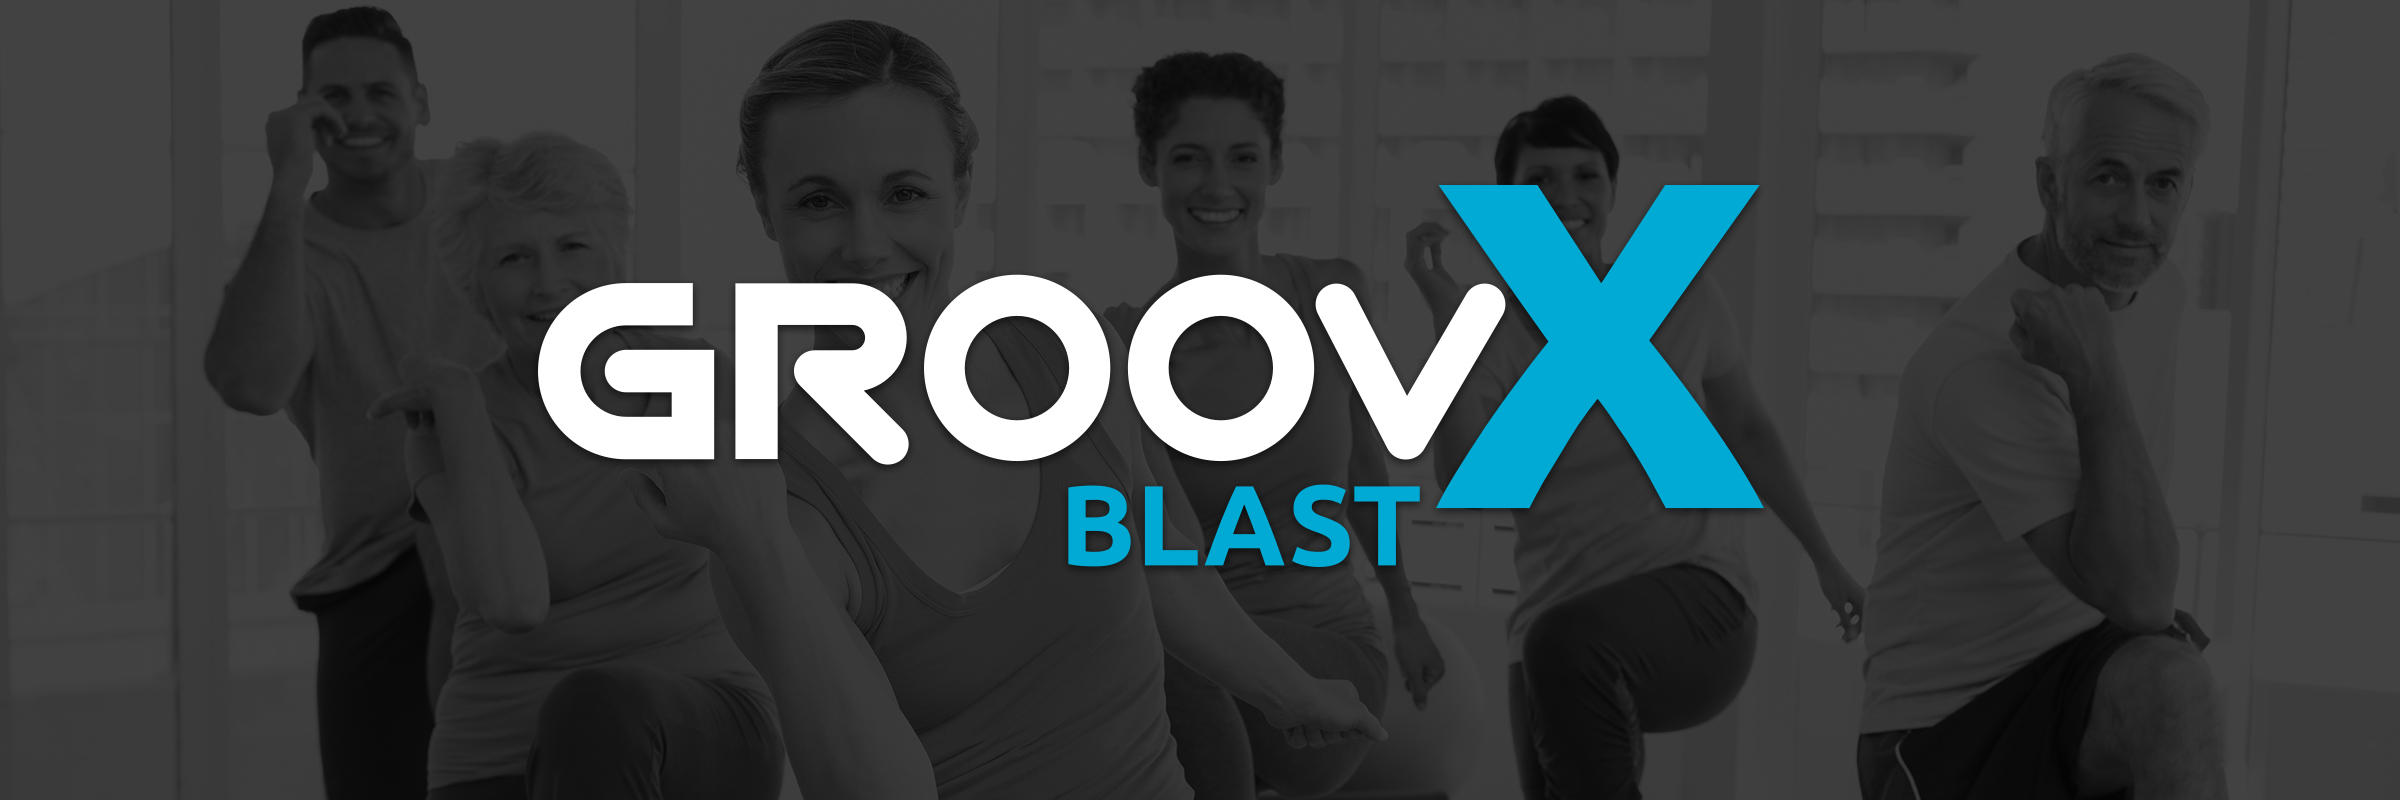 GroovX Blast